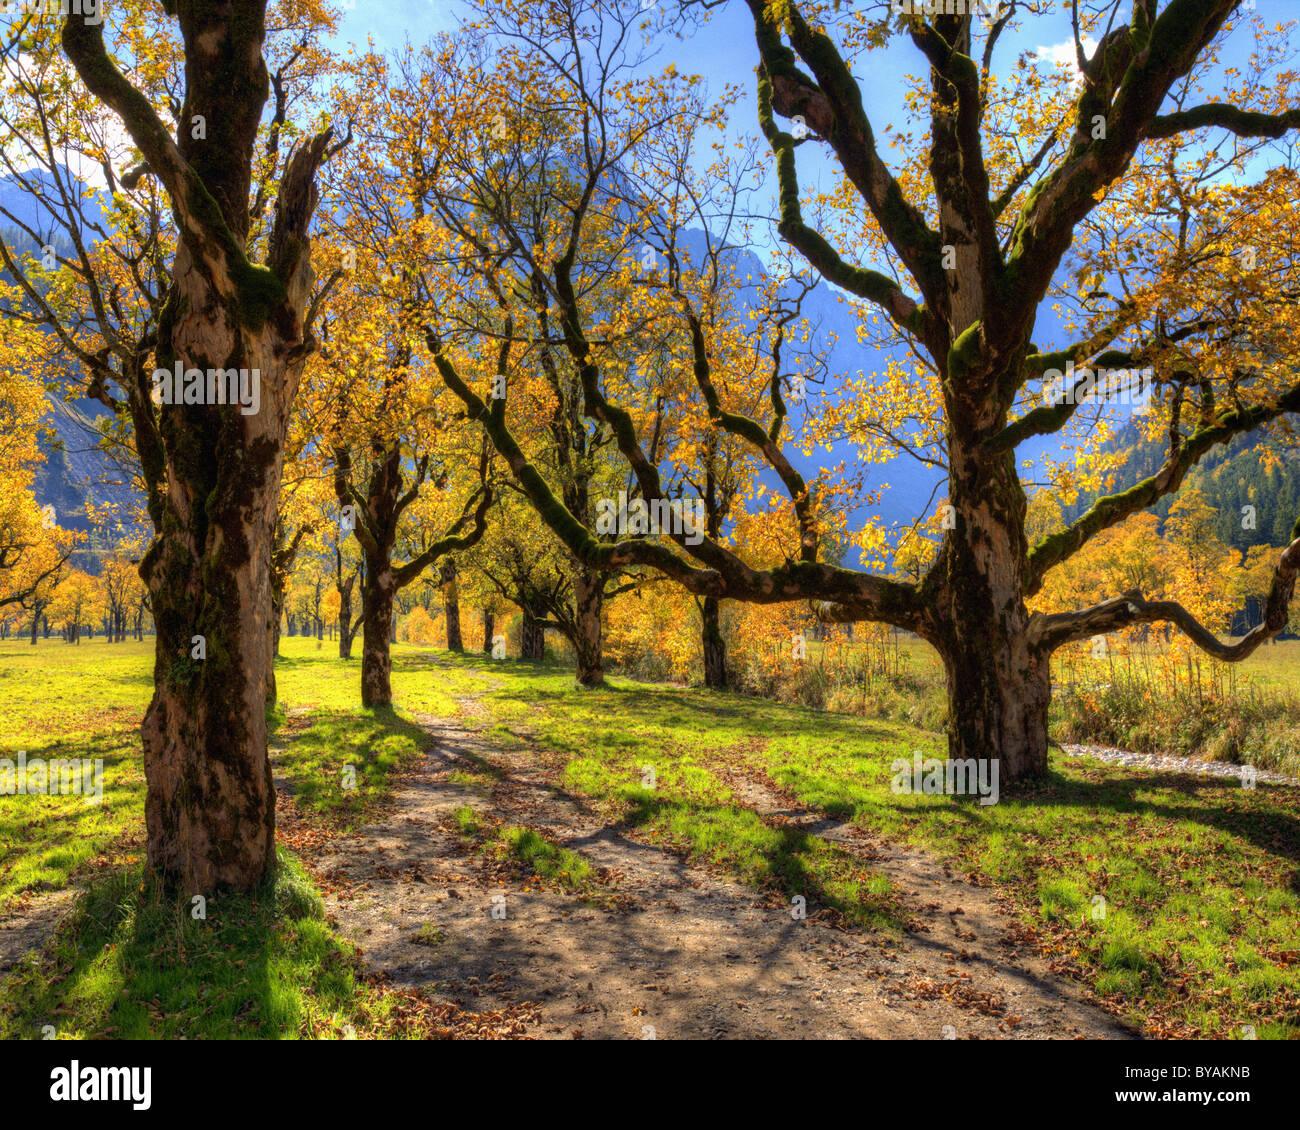 A - Tirol: Grosser Ahornboden (HDR-Imagen) Imagen De Stock